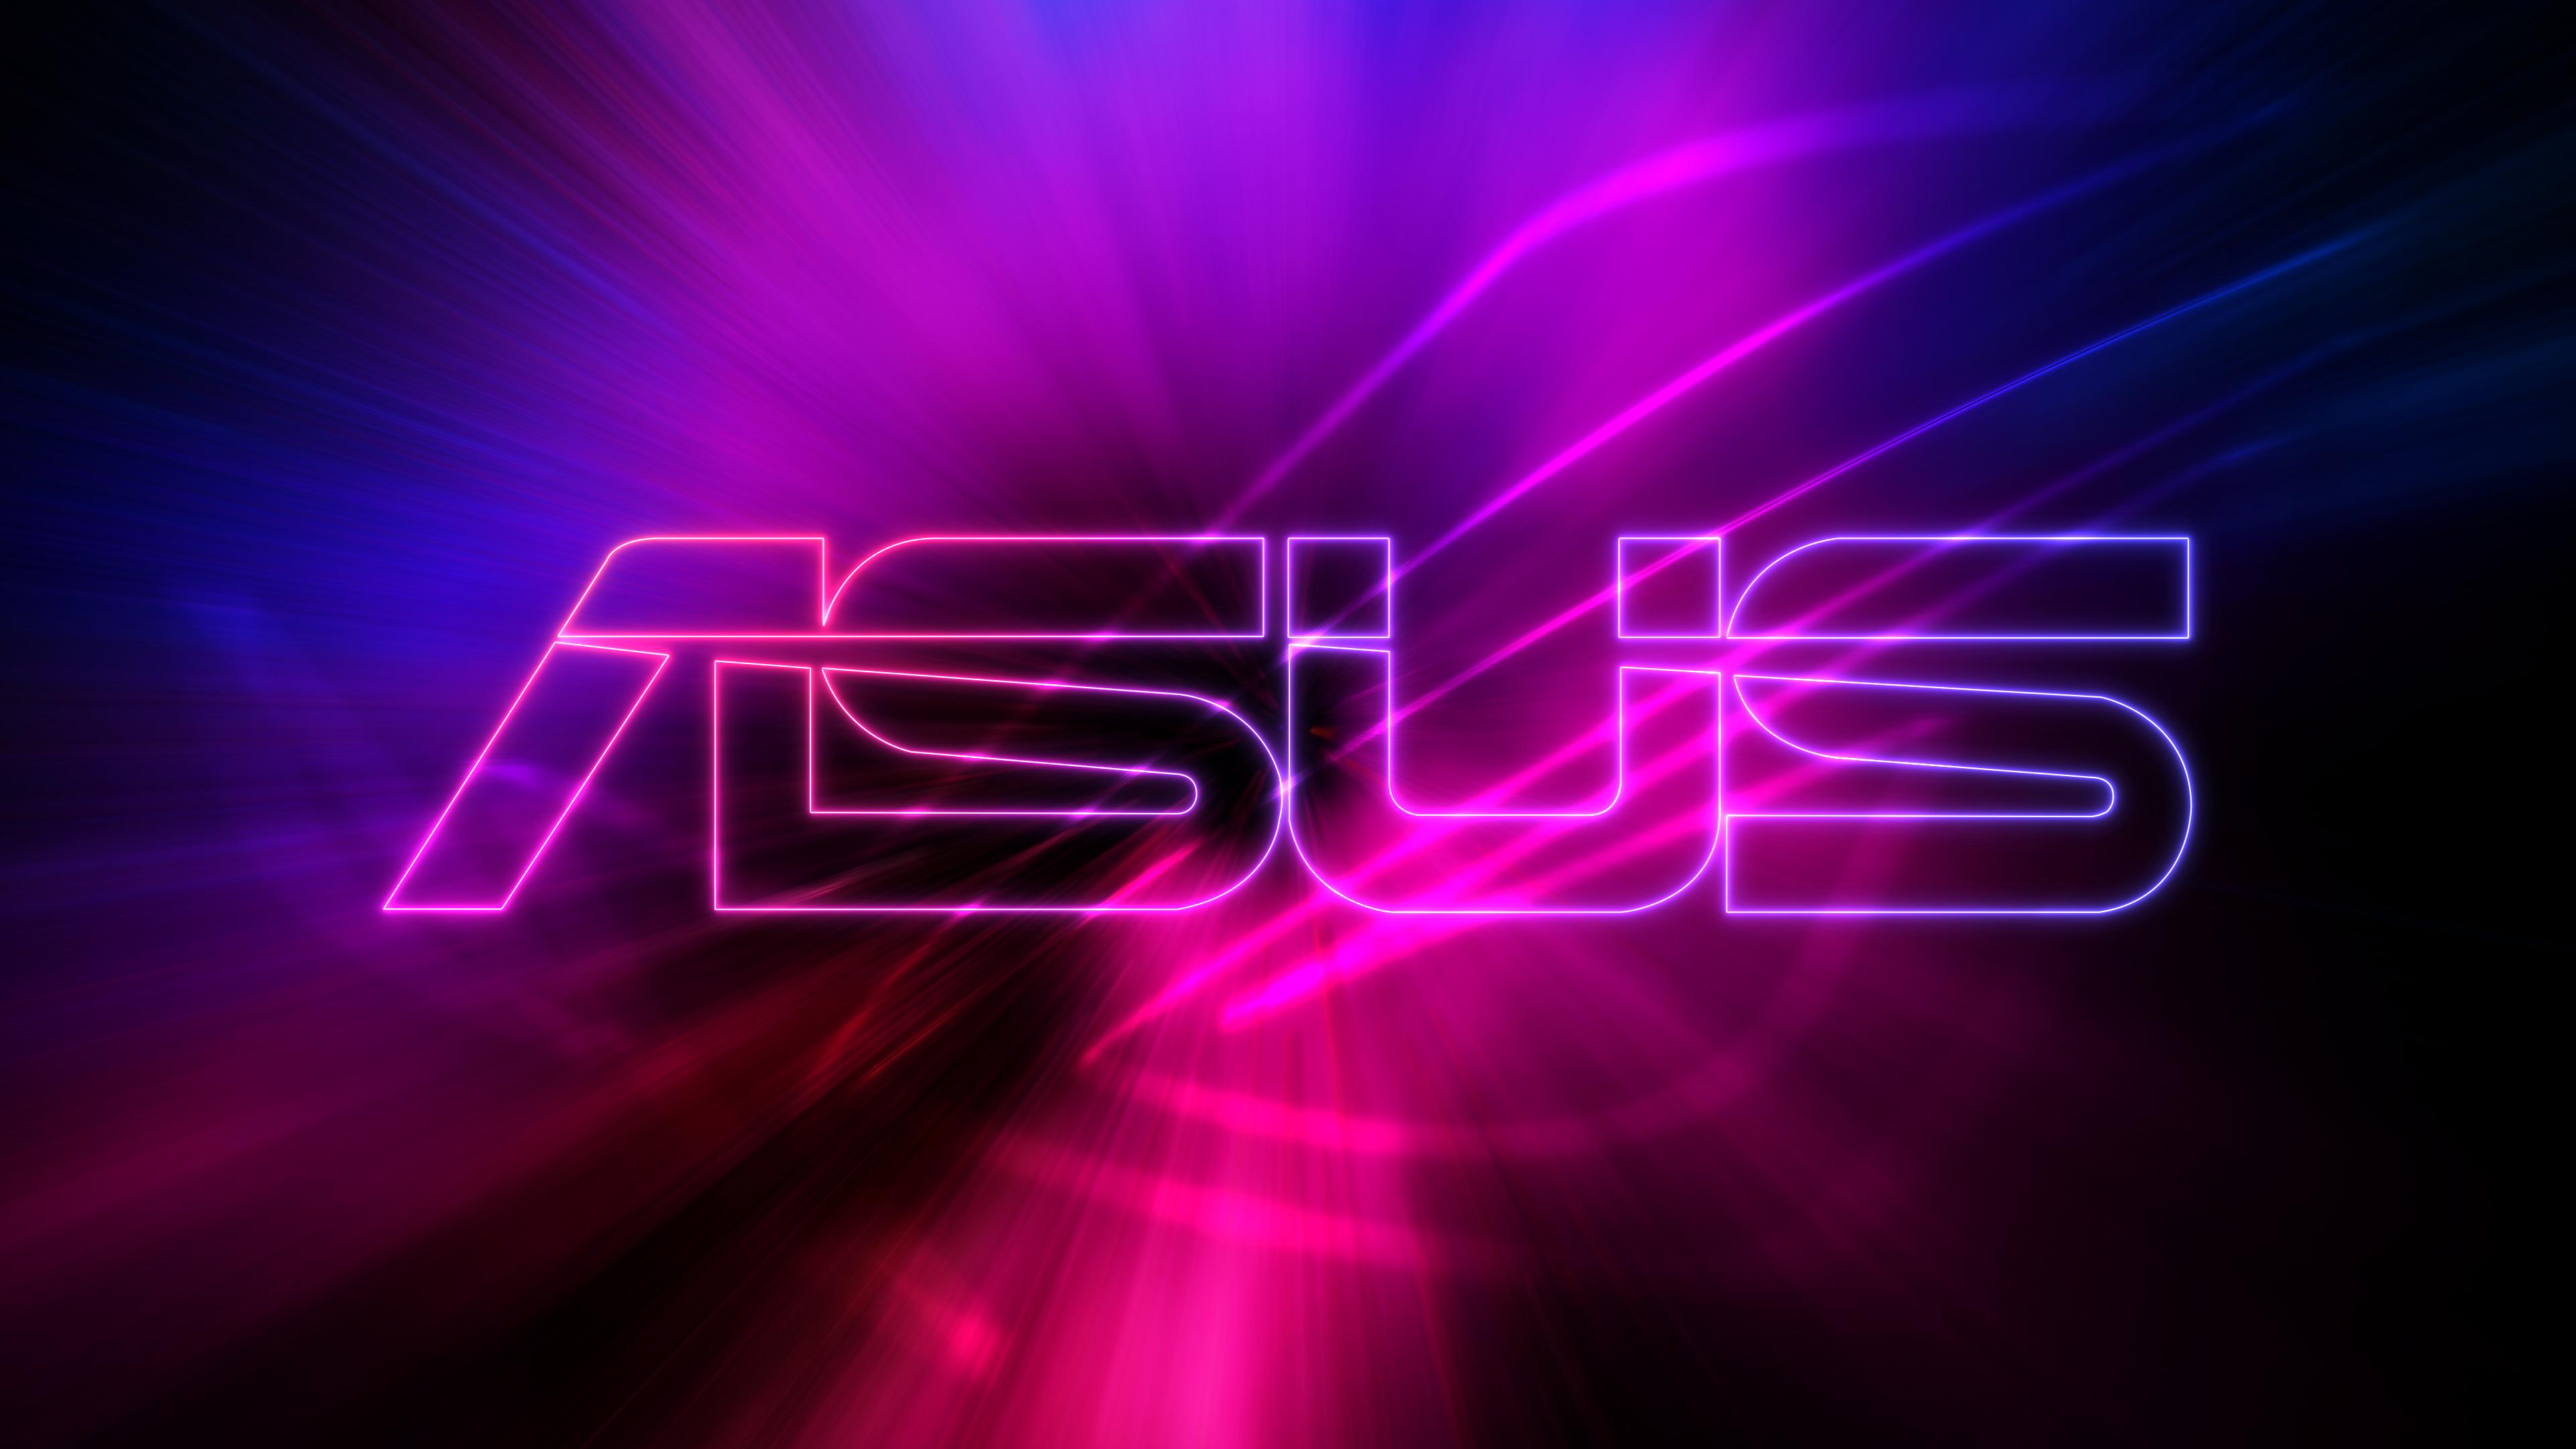 Asus Tuf Gaming Background 3840x2160 Download Hd Wallpaper Wallpapertip